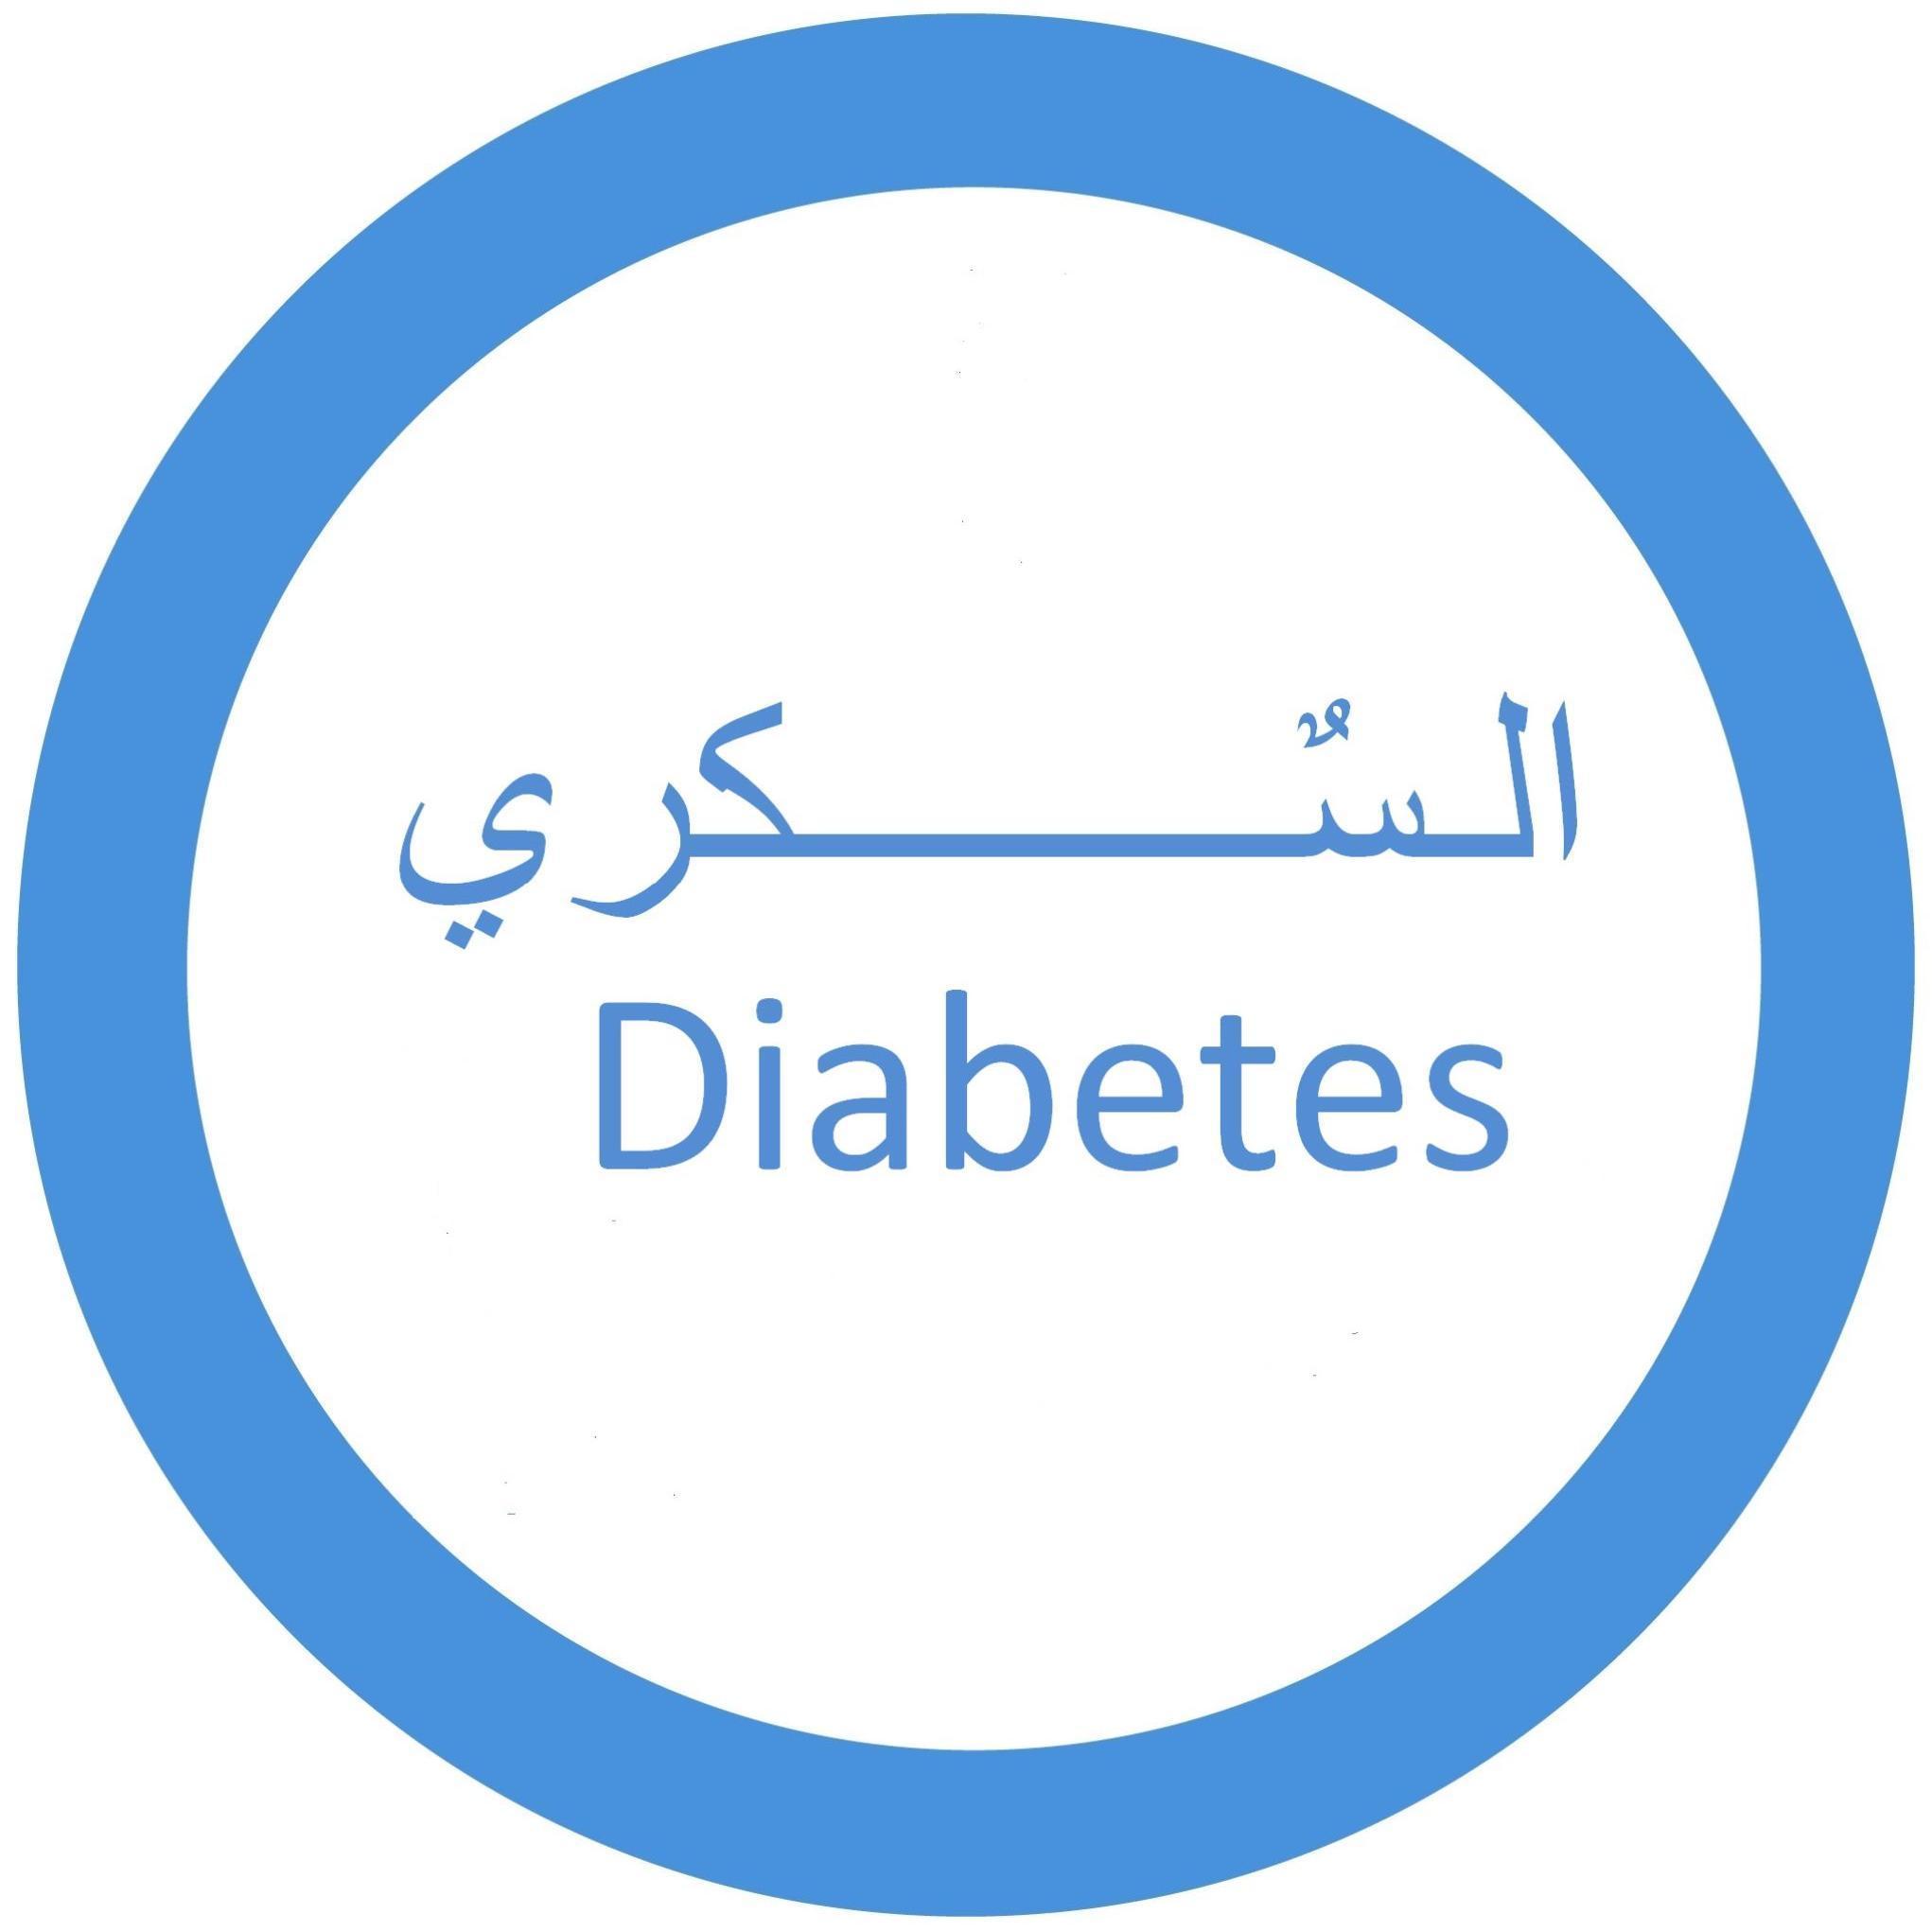 سكري Ar Twitter استبانة لمصابي مرض السكر الذين خضعوا أو سيخضعون لعلاج تقويم الاسنان Https T Co Zyzdzkj40c البحث جديد كليا وسيخدم مرضى السكري نحتاج تعاونك